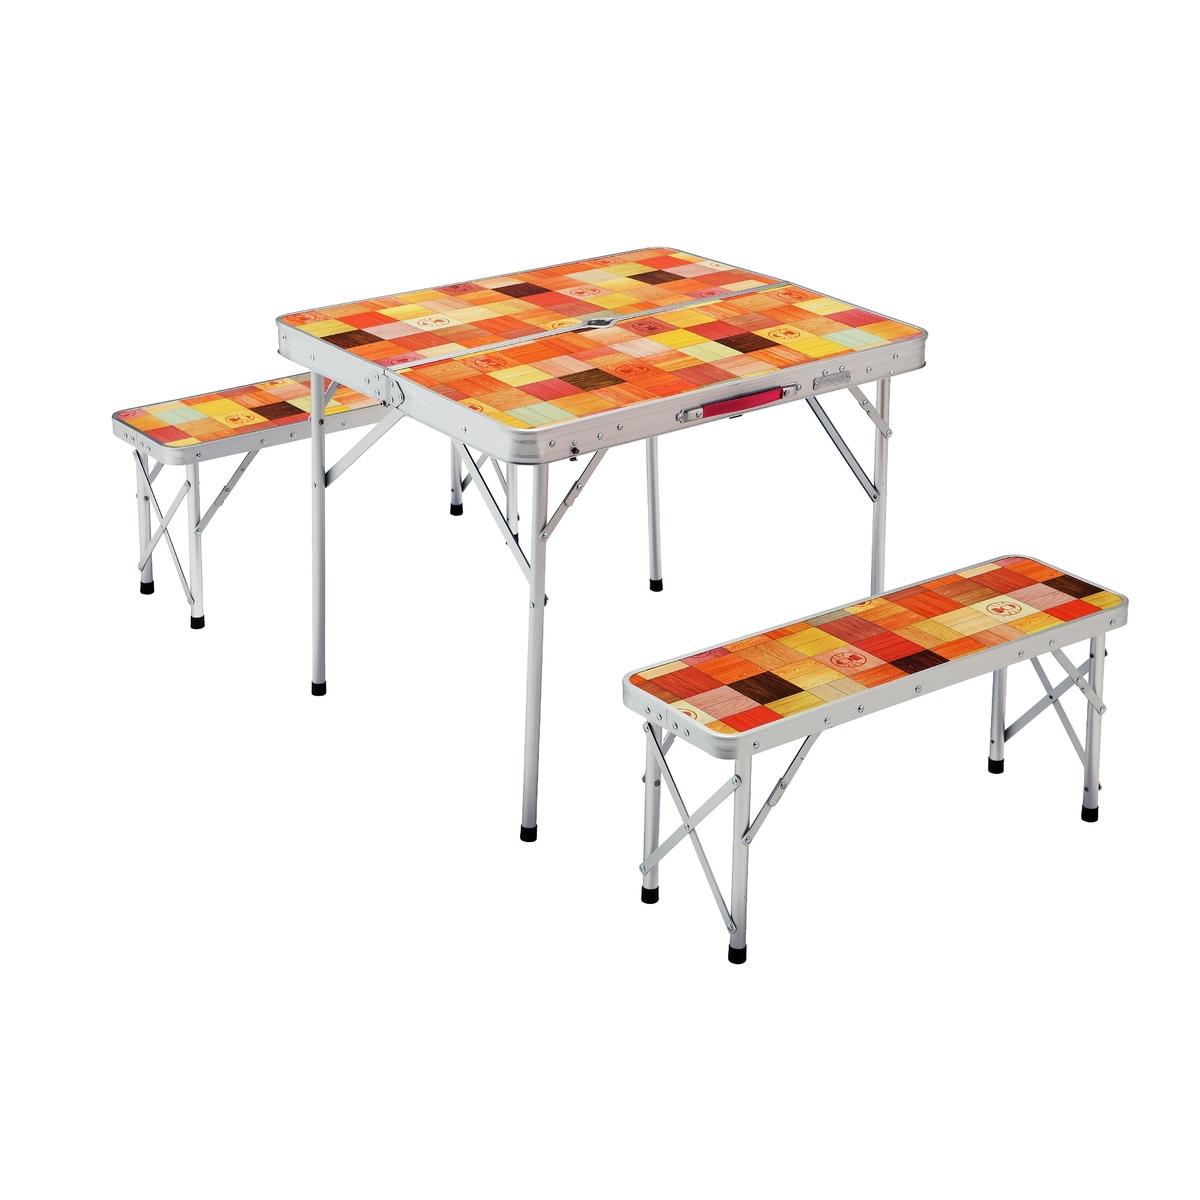 ● 【送料無料】 COLEMAN (コールマン) キャンプ用品 キッチンテーブル 一体型テーブル ナチュラルモザイクファミリーリビングセットミニプラス 2000026758